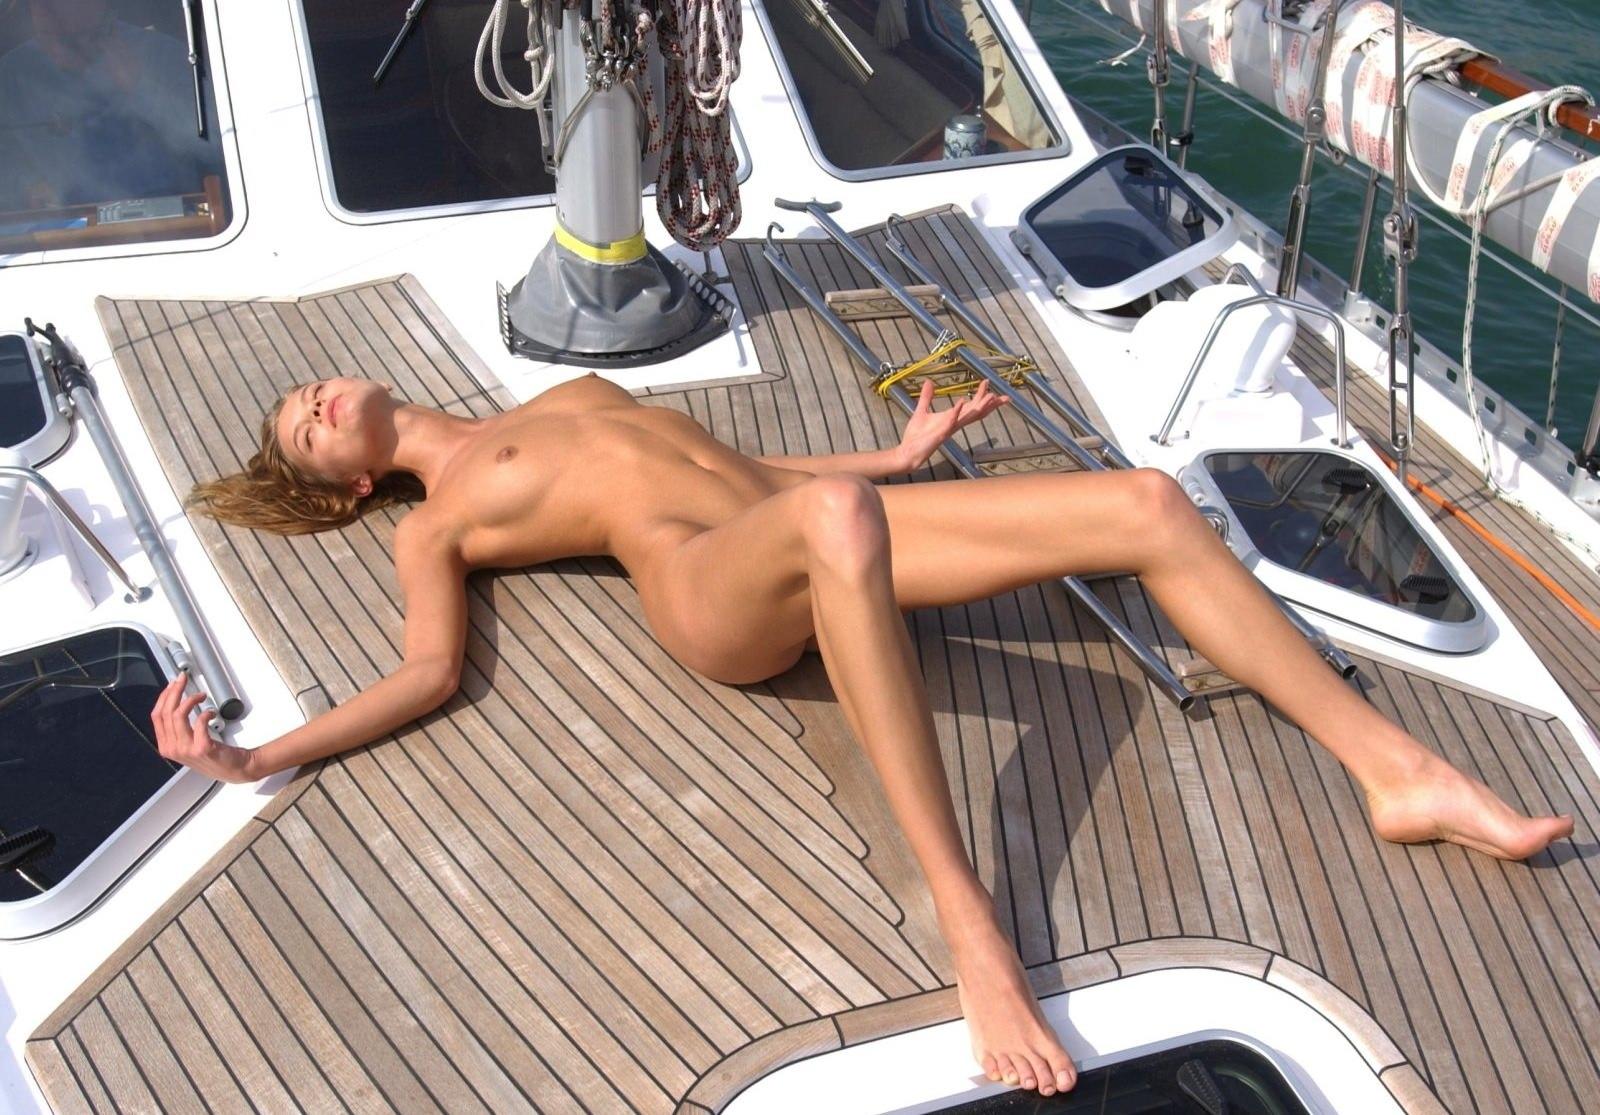 Фото Голая стройная девушка разлеглась на яхте, длинные ноги, сексуальное тело. Naked girl on the yacht, girl sunbathes, sexy body, long legs, summer, скачать картинку бесплатно